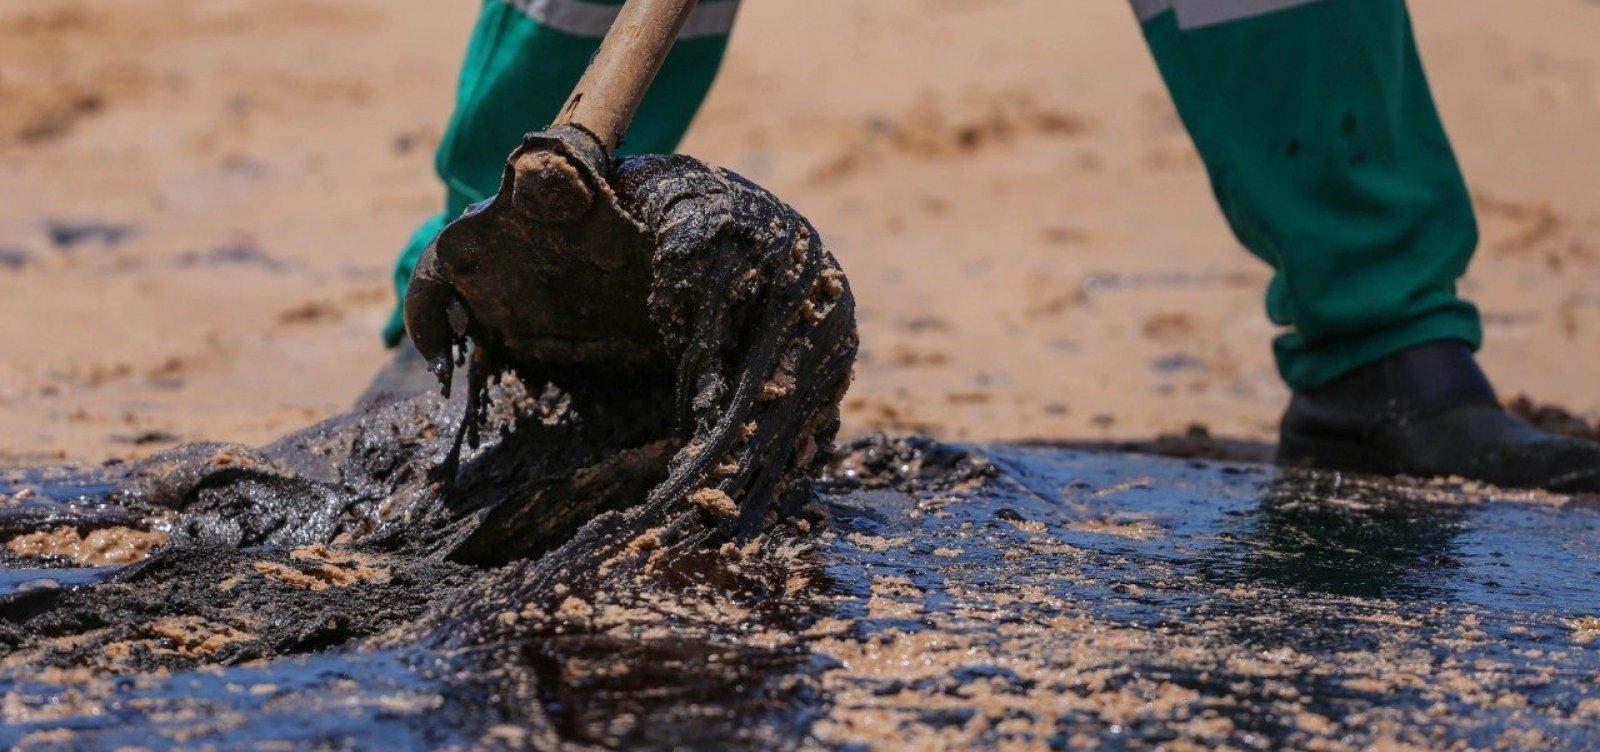 Três em cada dez locais atingidos voltam a apresentar manchas de óleo após limpeza